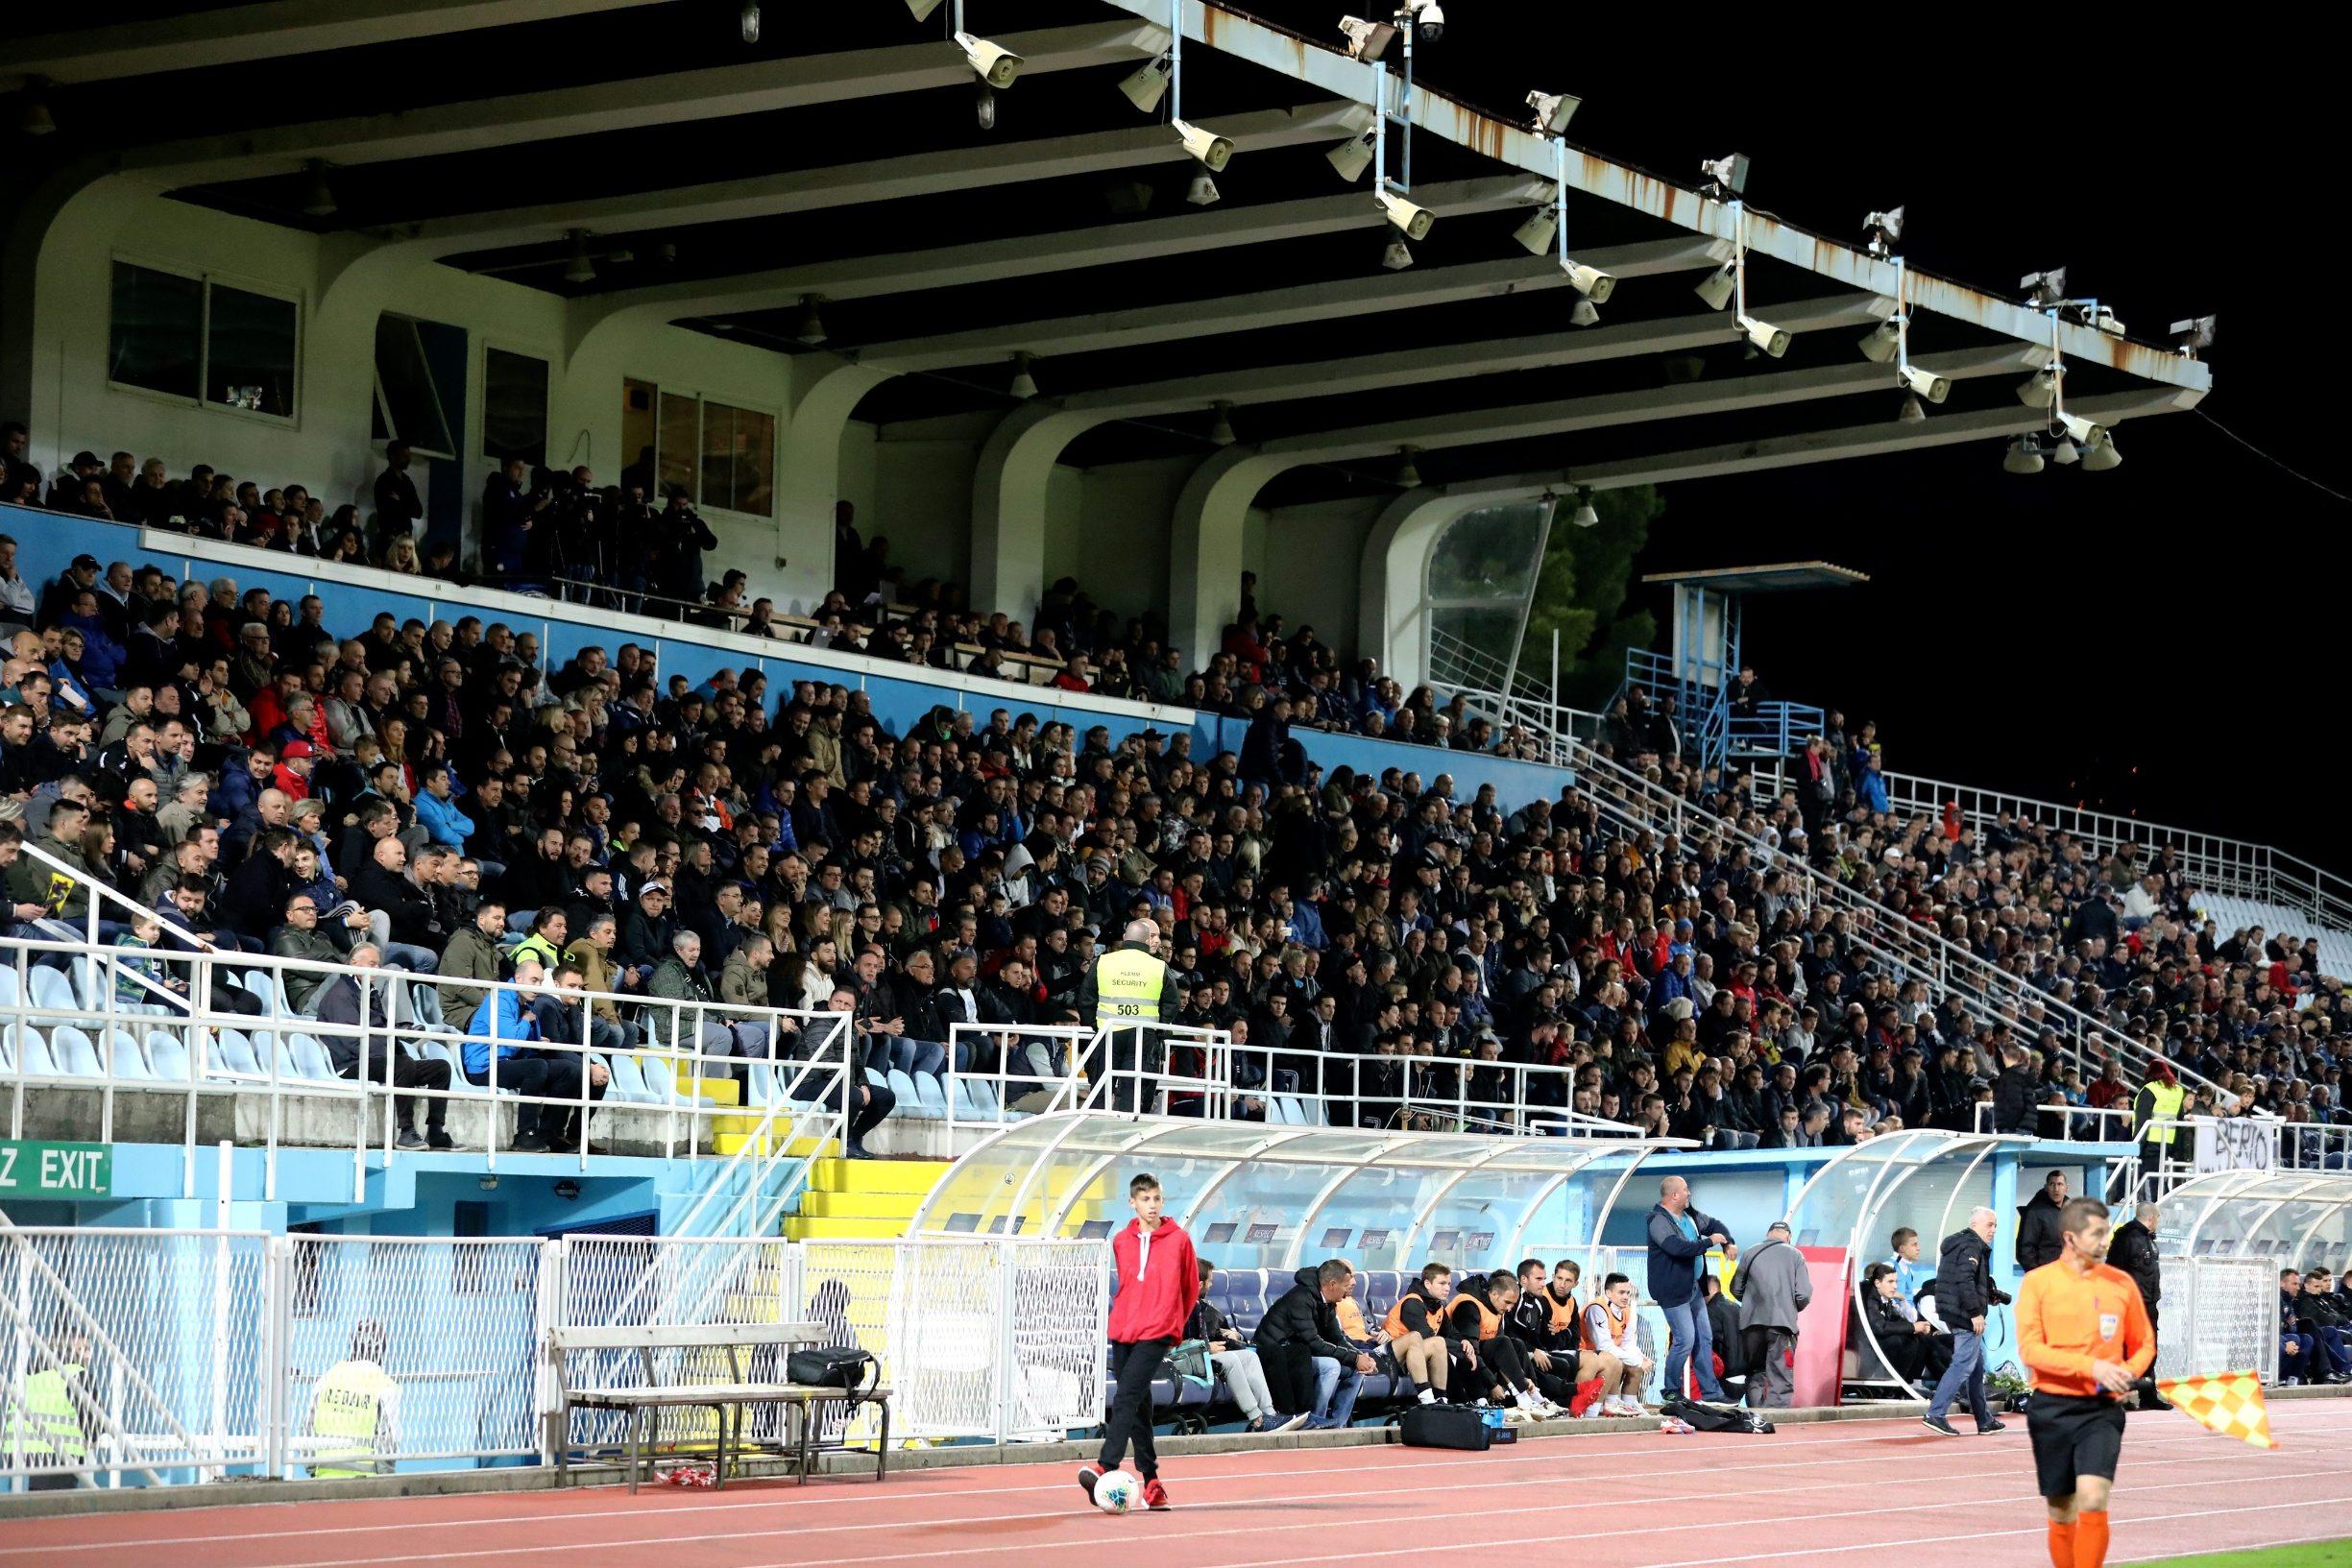 Rijeka, 301019. Stadion Kantrida. Opatija - GNK Dinamo, 1/8 finala nogometnog kupa Hrvatska, 19/20. Na fotografiji: publika. Foto: Matija Djanjesic / CROPIX